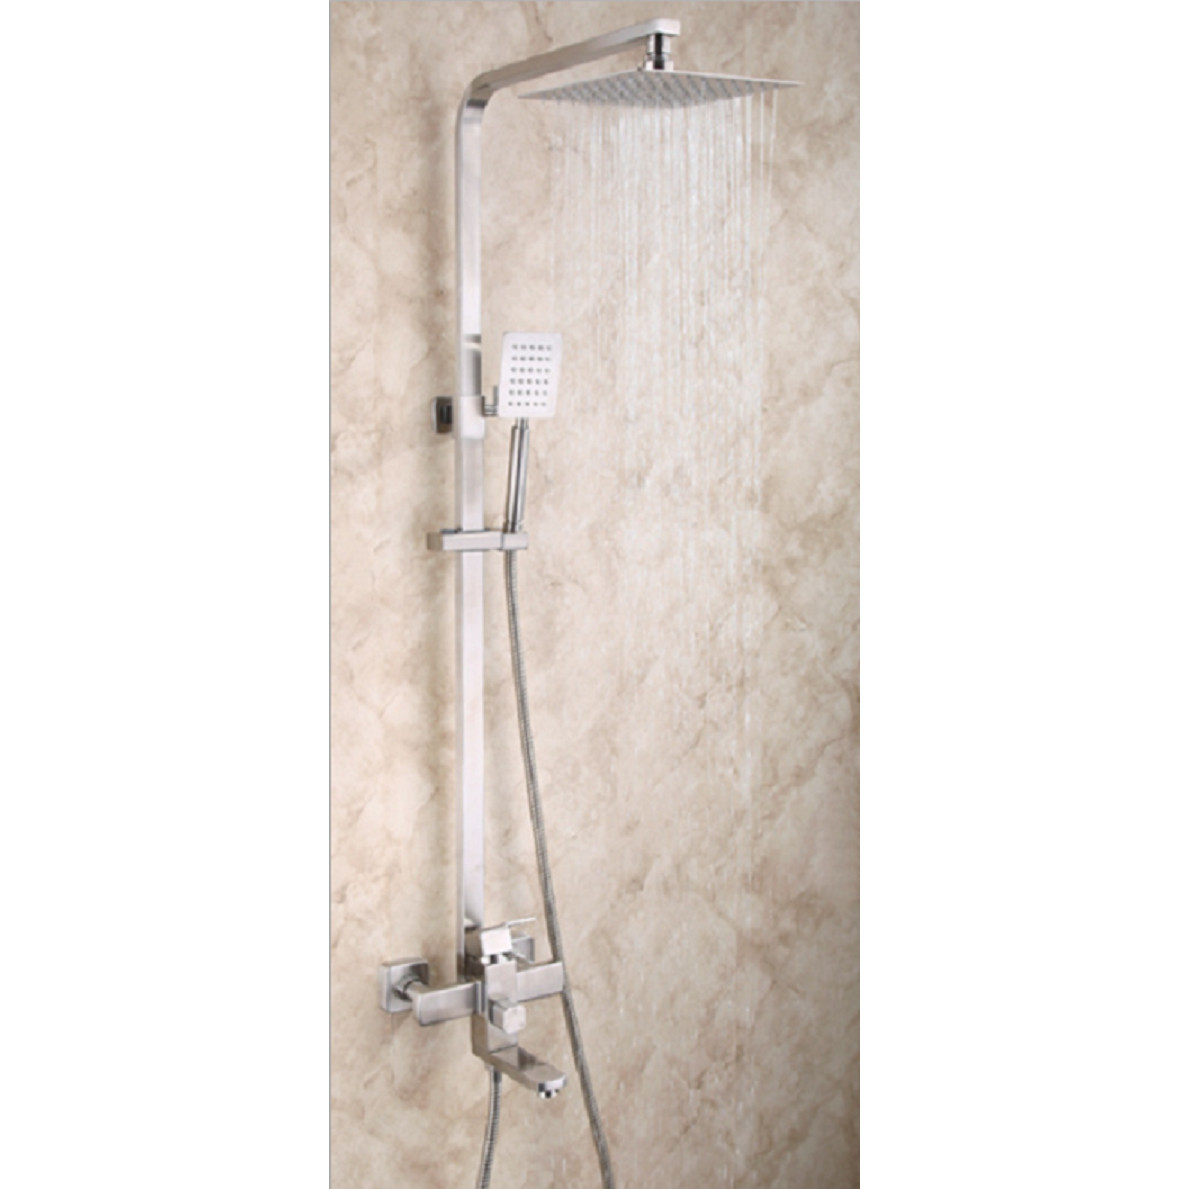 Bộ sen cây tắm đứng Inox SUS304 - Thân vuông - MS085